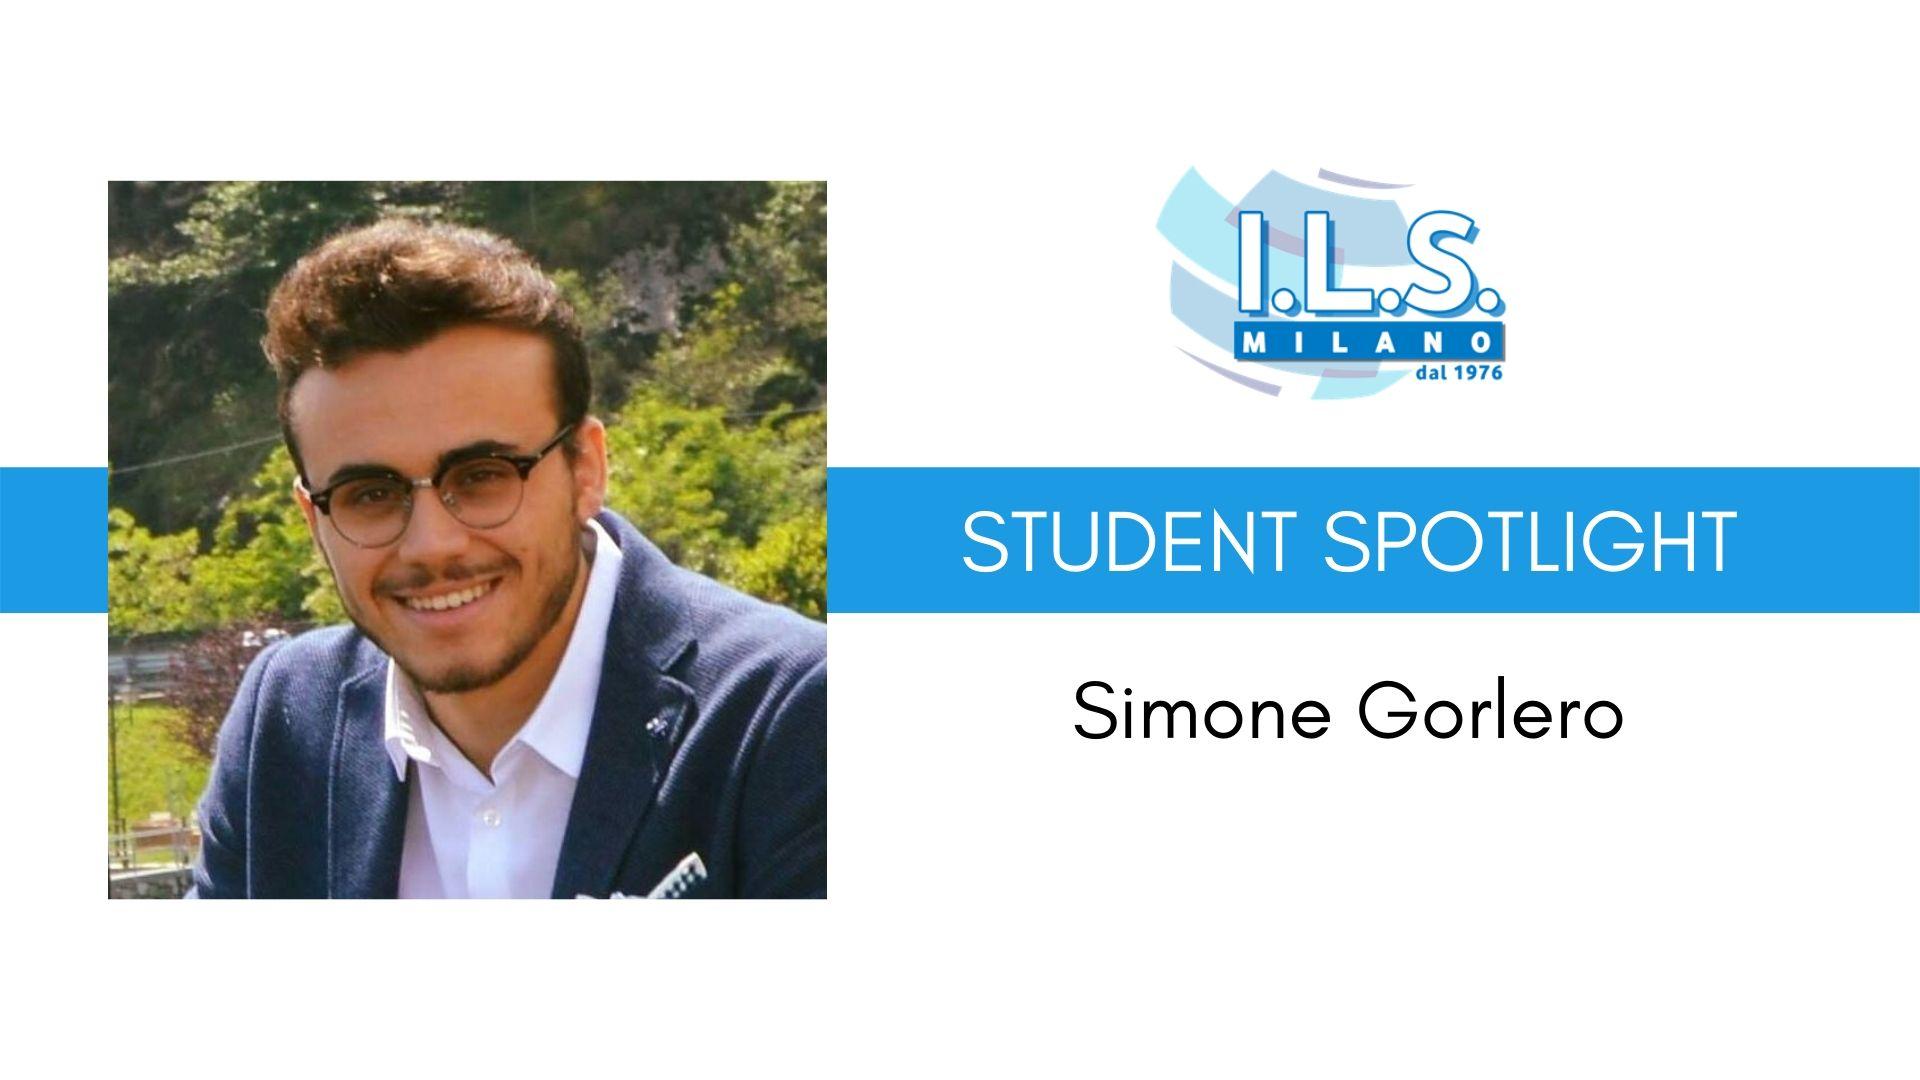 HR Student Spotlight